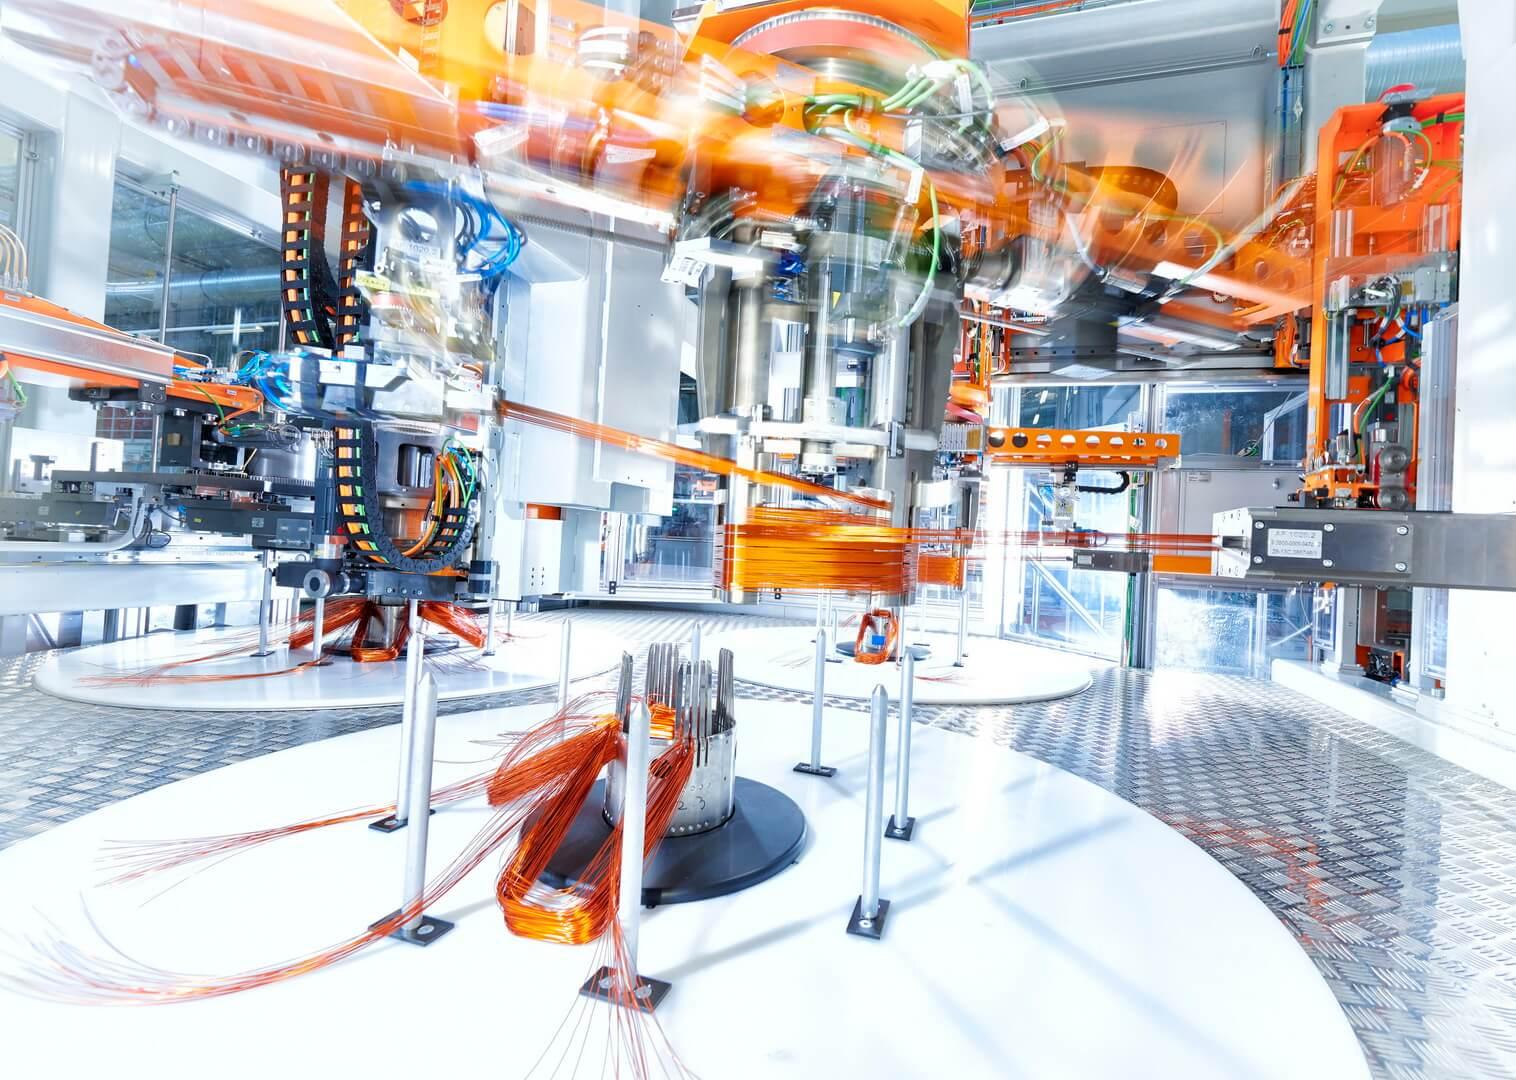 Производственная линия электродвигателей для e-tron quattro на венгерском заводе Győr